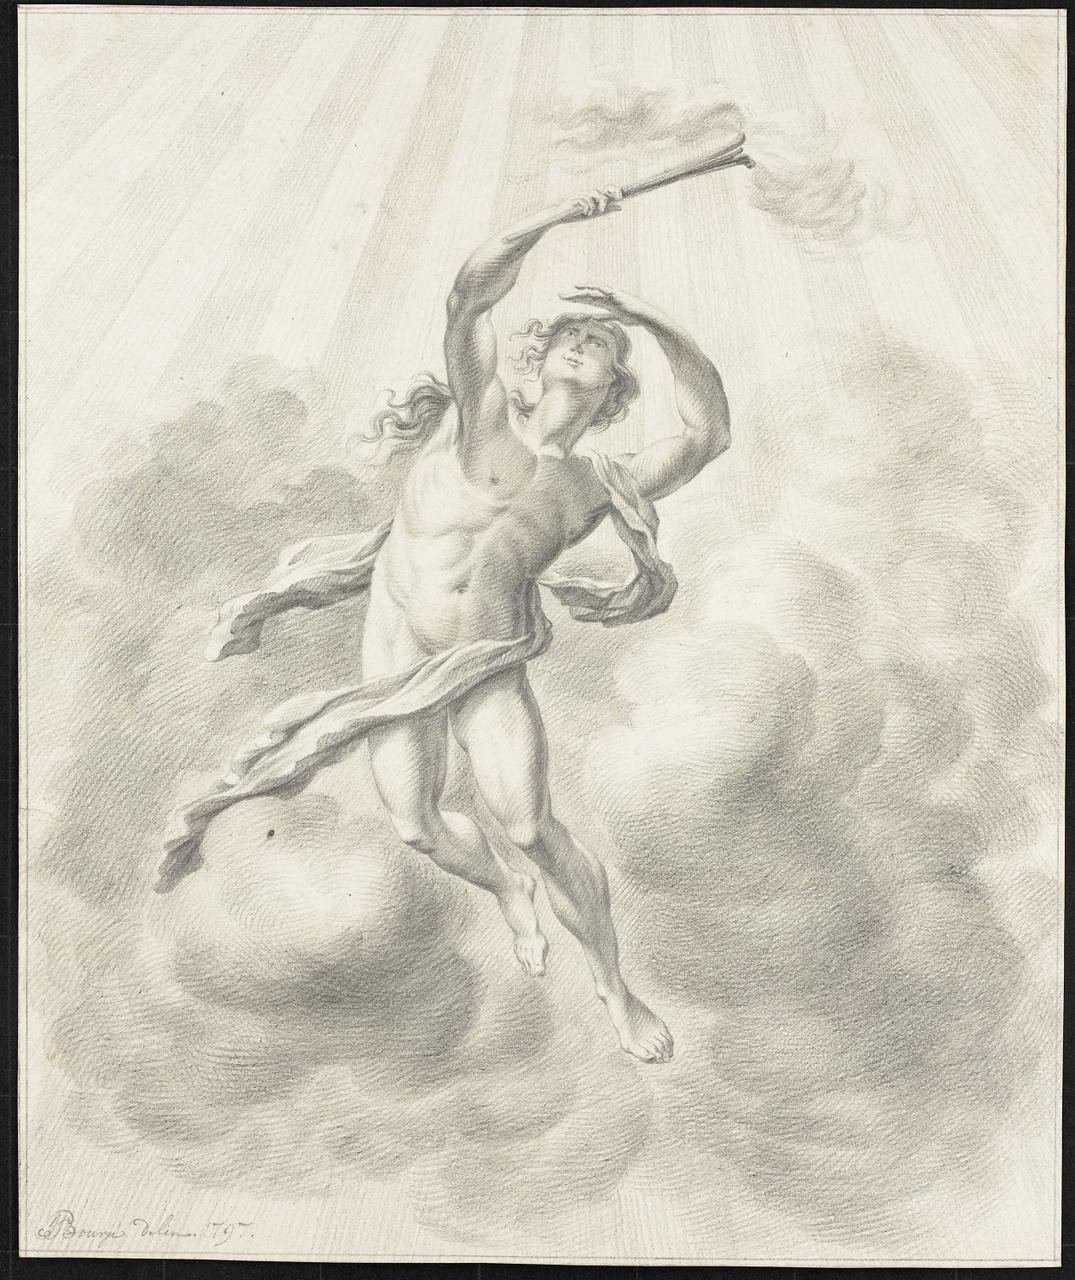 Man met toorts in wolkenlucht met stralen, Johan Pieter Bourjé